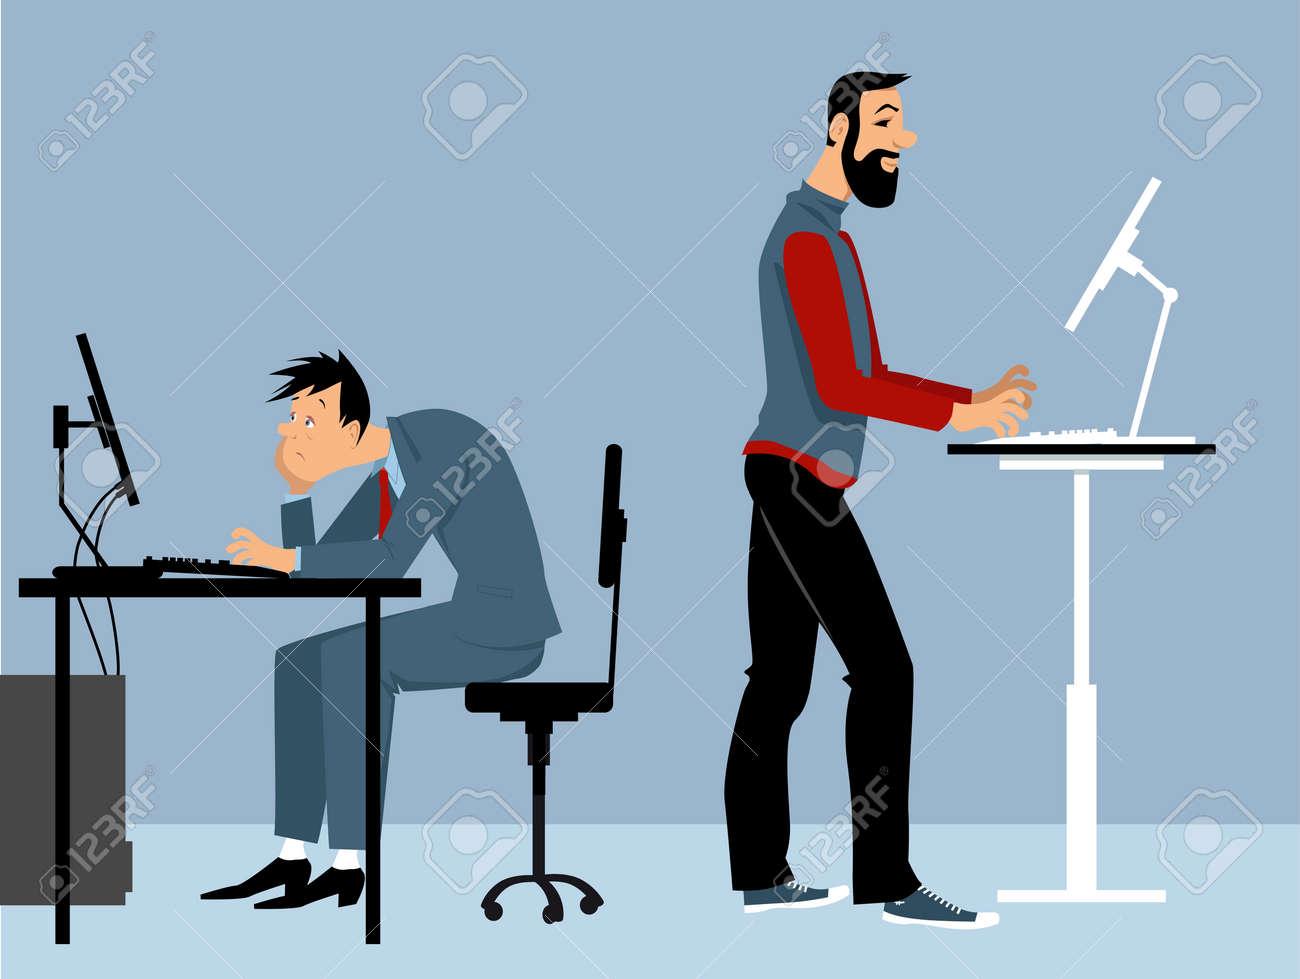 コンピュータ上のオフィスで働く2人の男性 そのうちの1人はスタンディングデスクを使用して Ps 8ベクトルイラストのイラスト素材 ベクタ Image